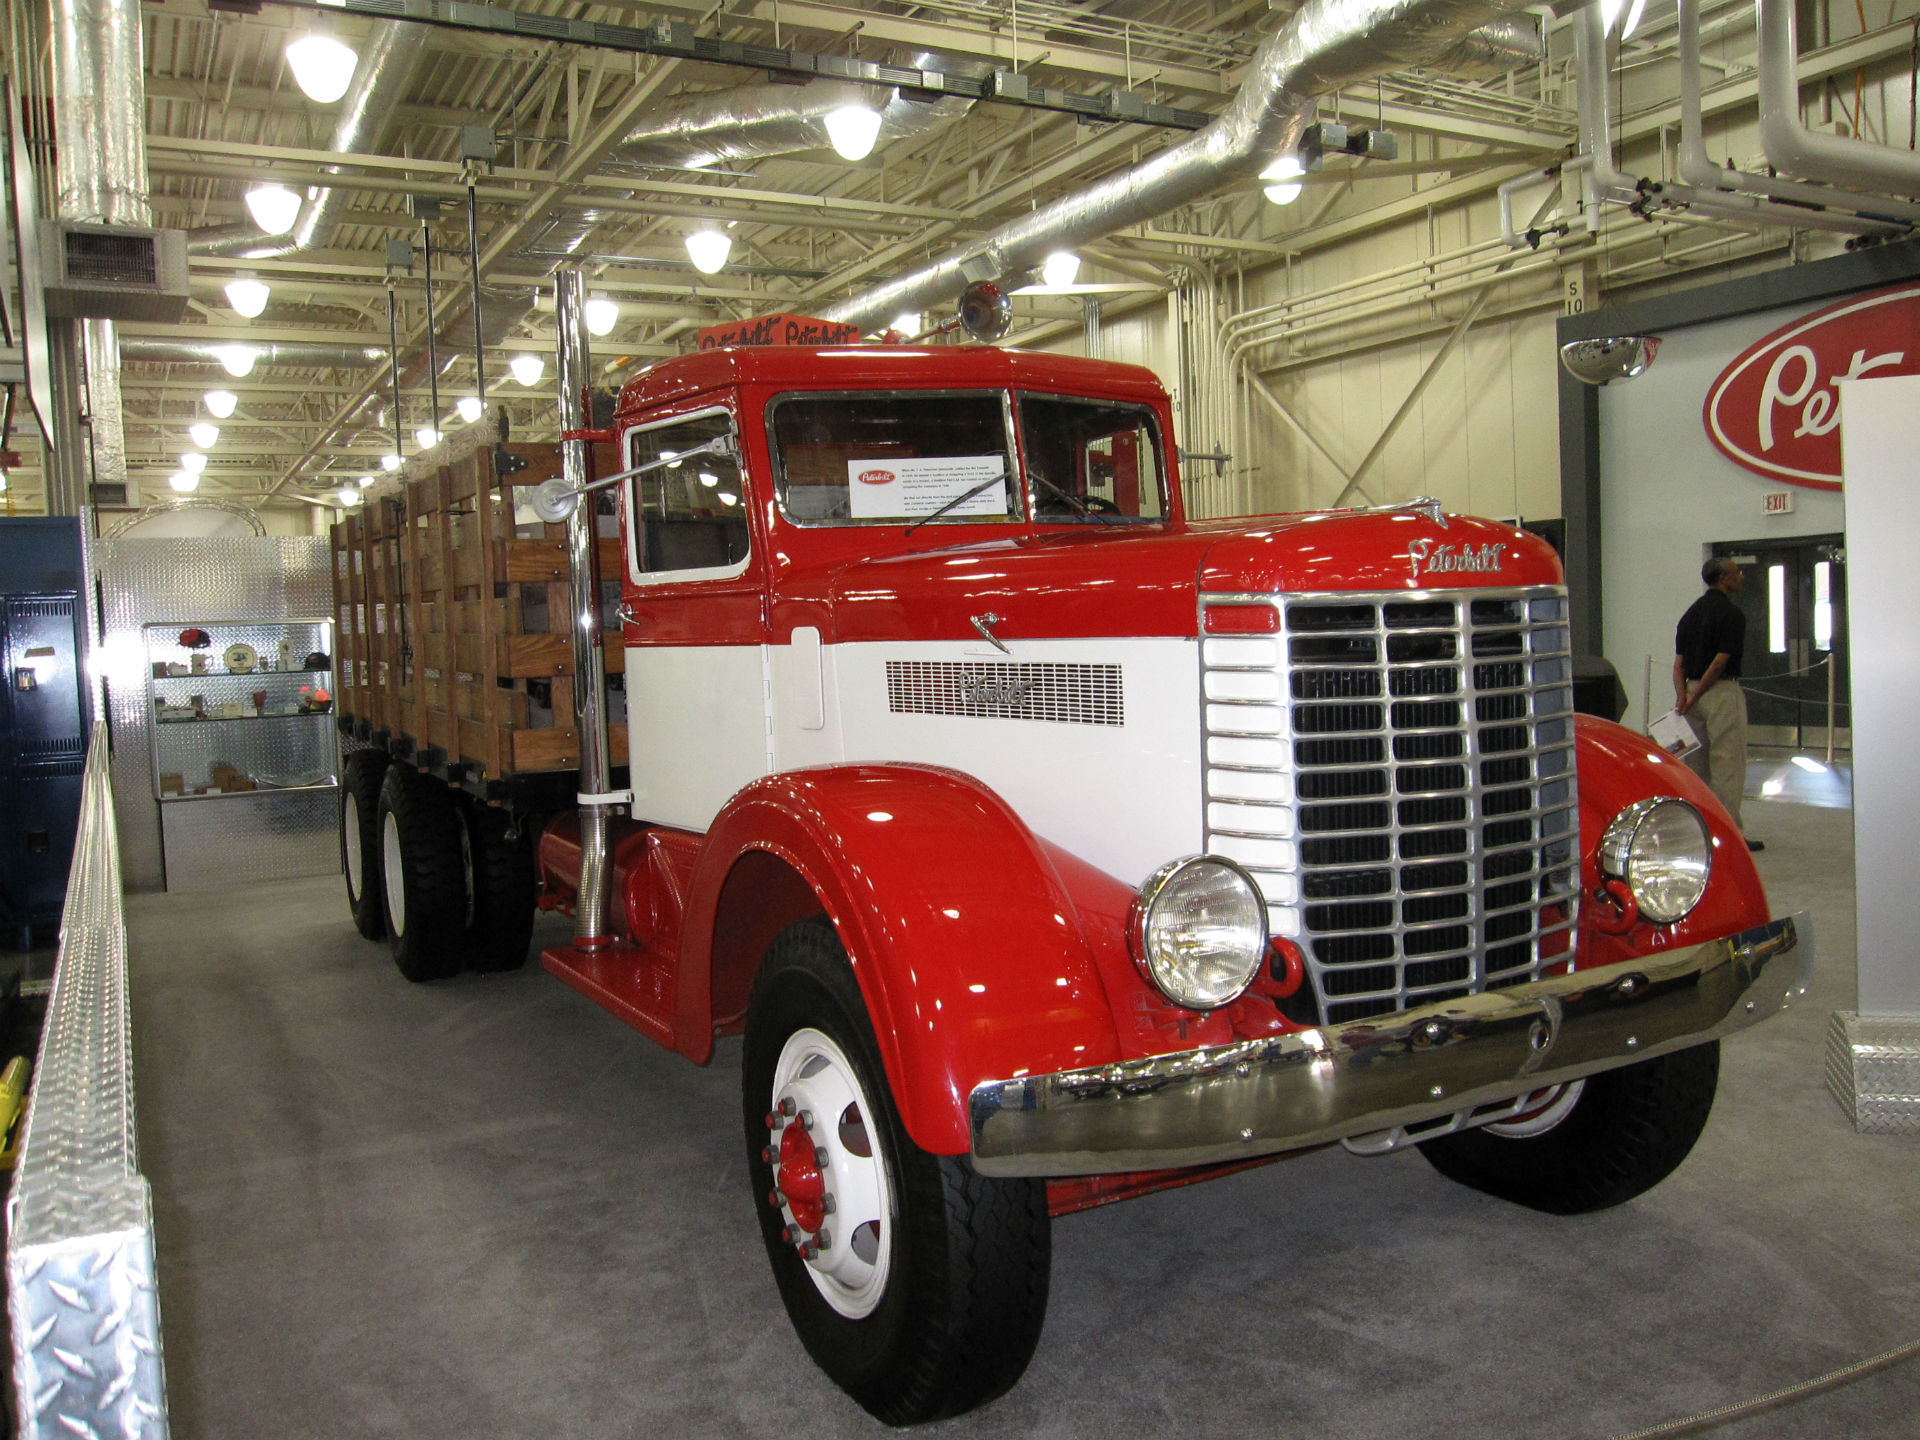 peterbilt semi trucks tractor rigs wallpaper 1920x1440 53865 wallpaperup. Black Bedroom Furniture Sets. Home Design Ideas